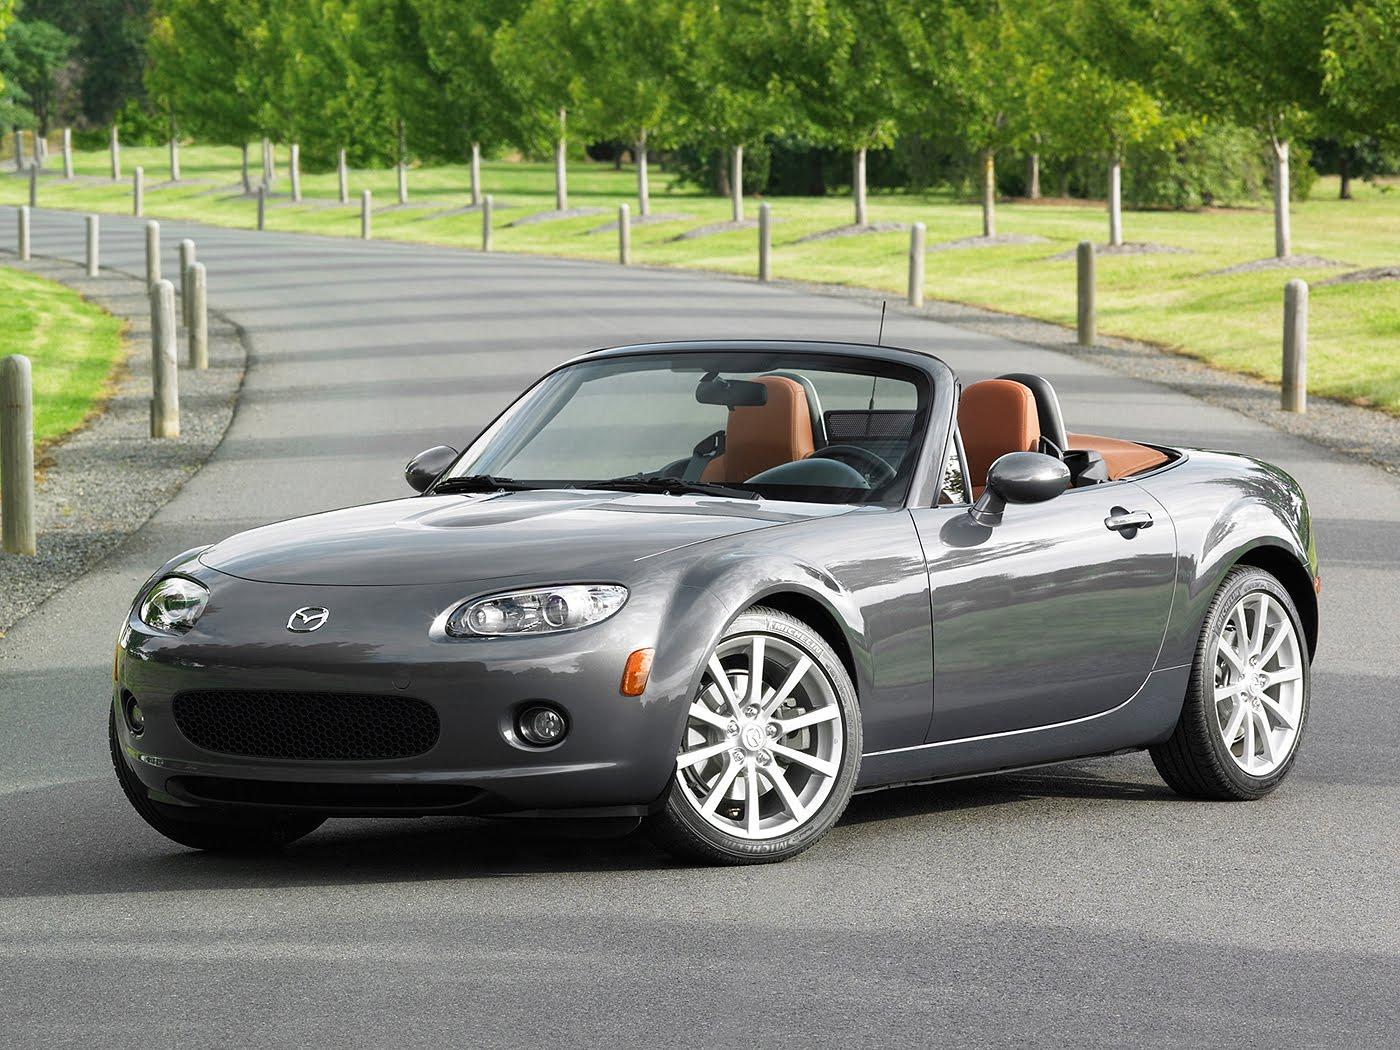 auto parts car parts: Mazda MX-5 Review